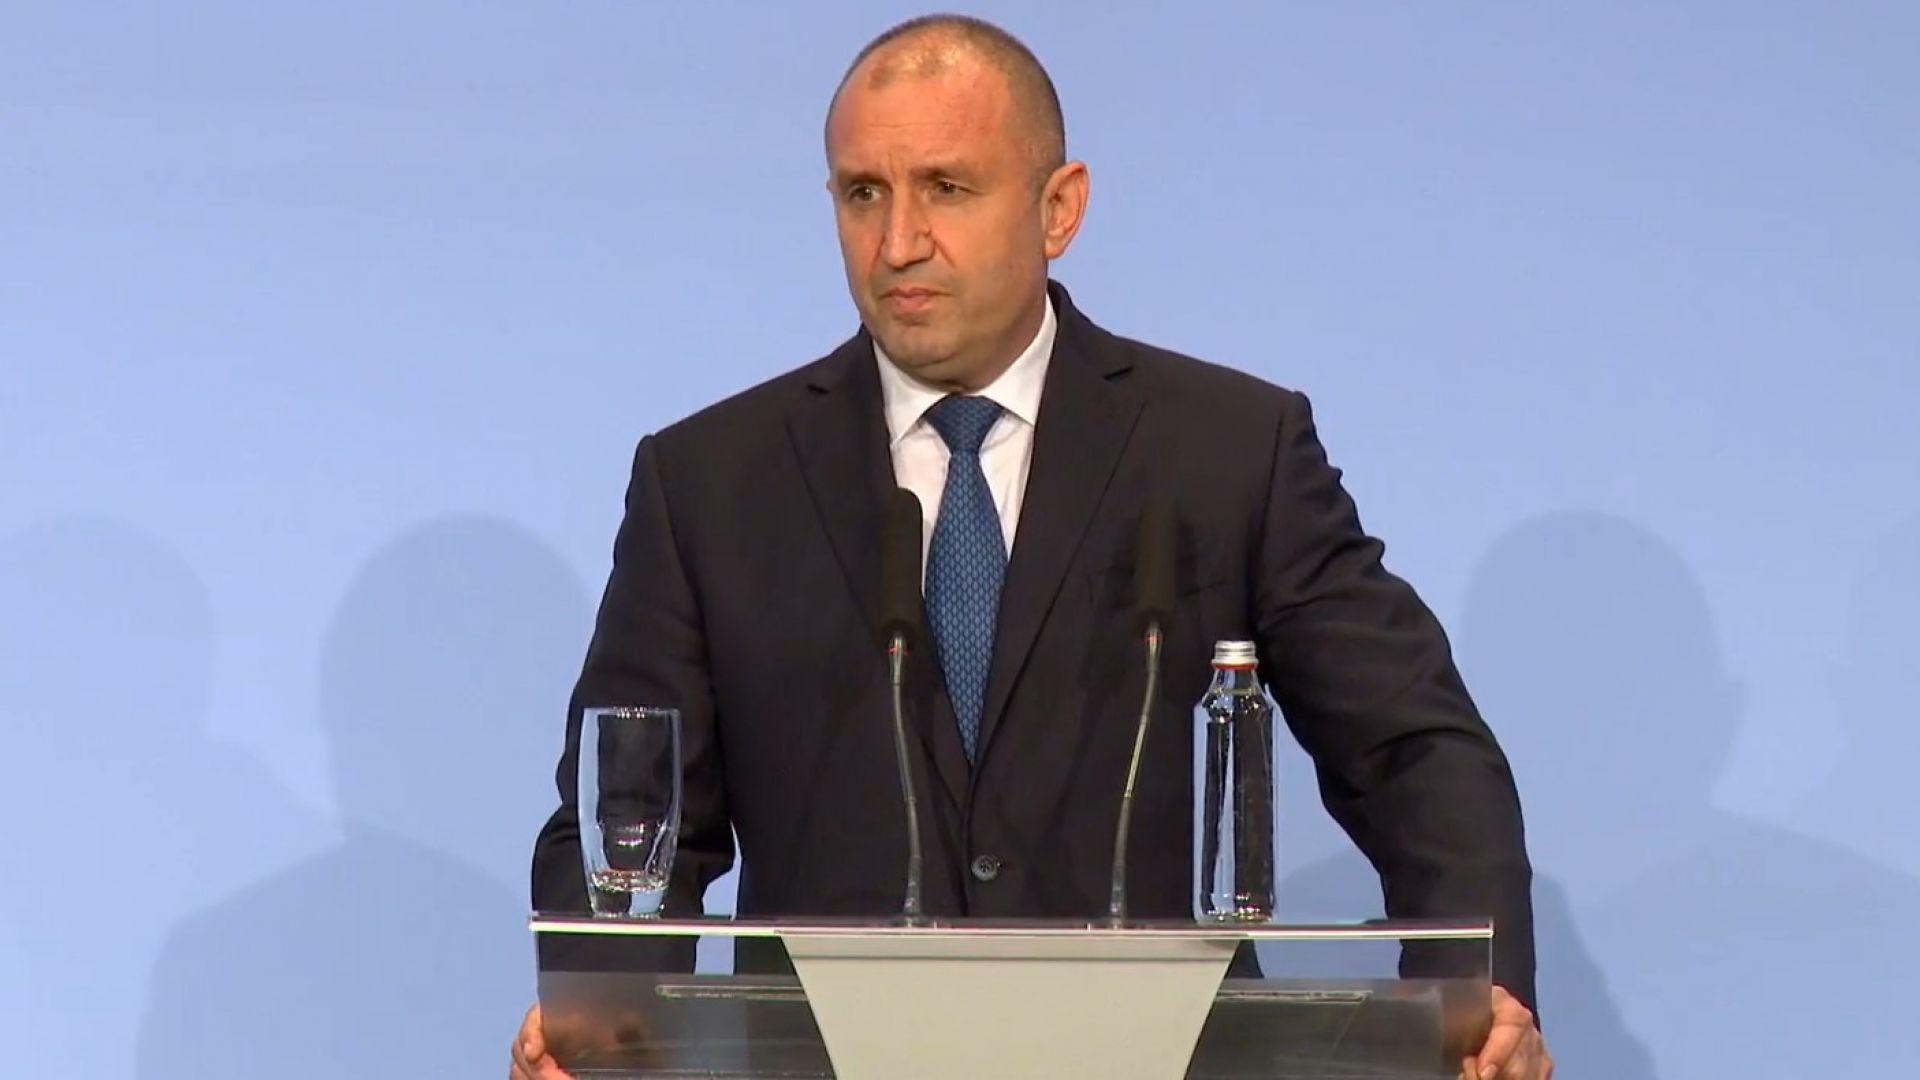 Румен Радев пред Инициативния комитет: Антимафиотският консенсус премина в урните